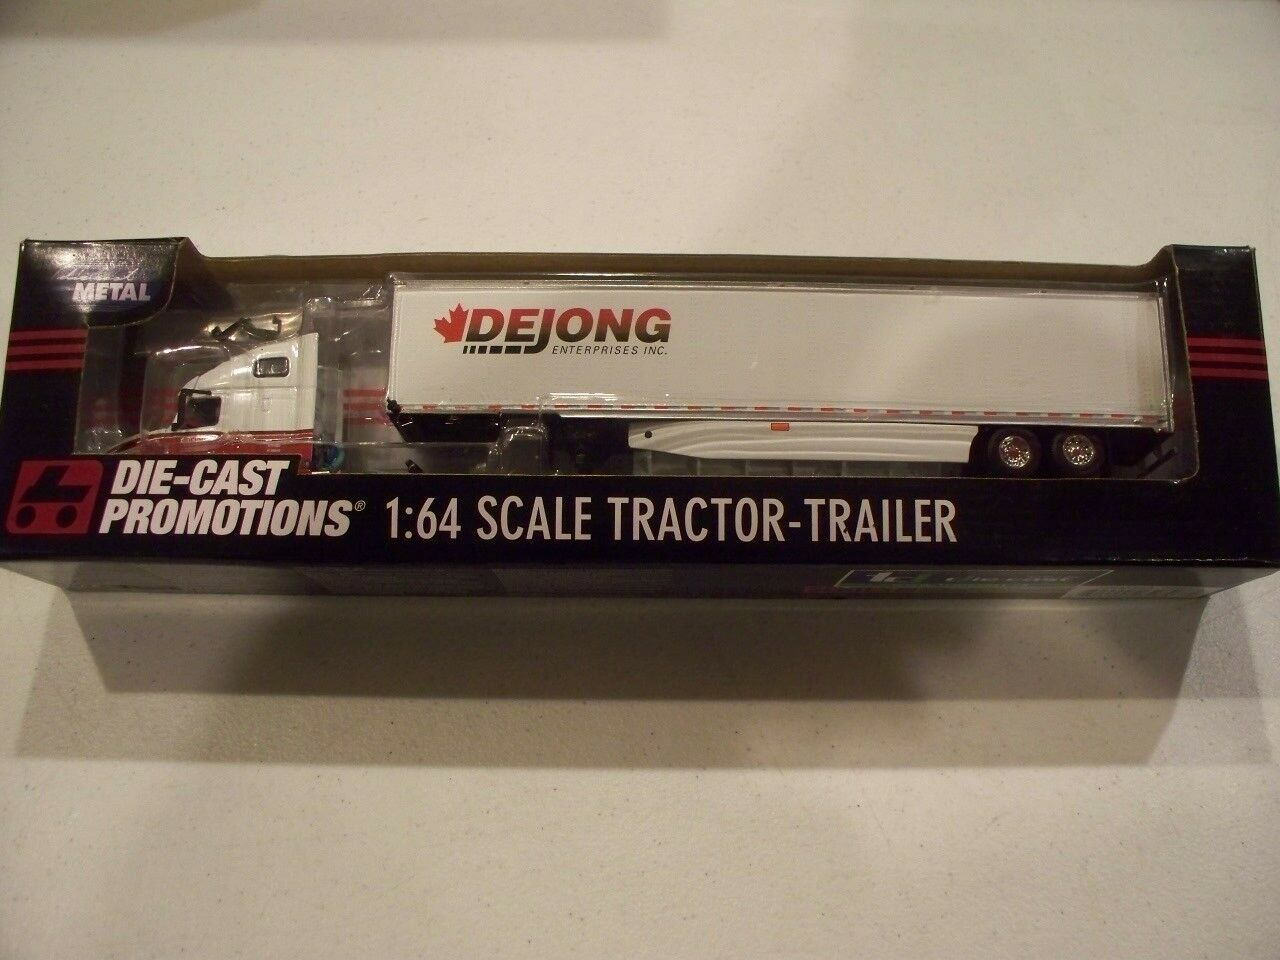 Rindió empresas DCP 32807 remolque de tractor camión Diecast Nuevo